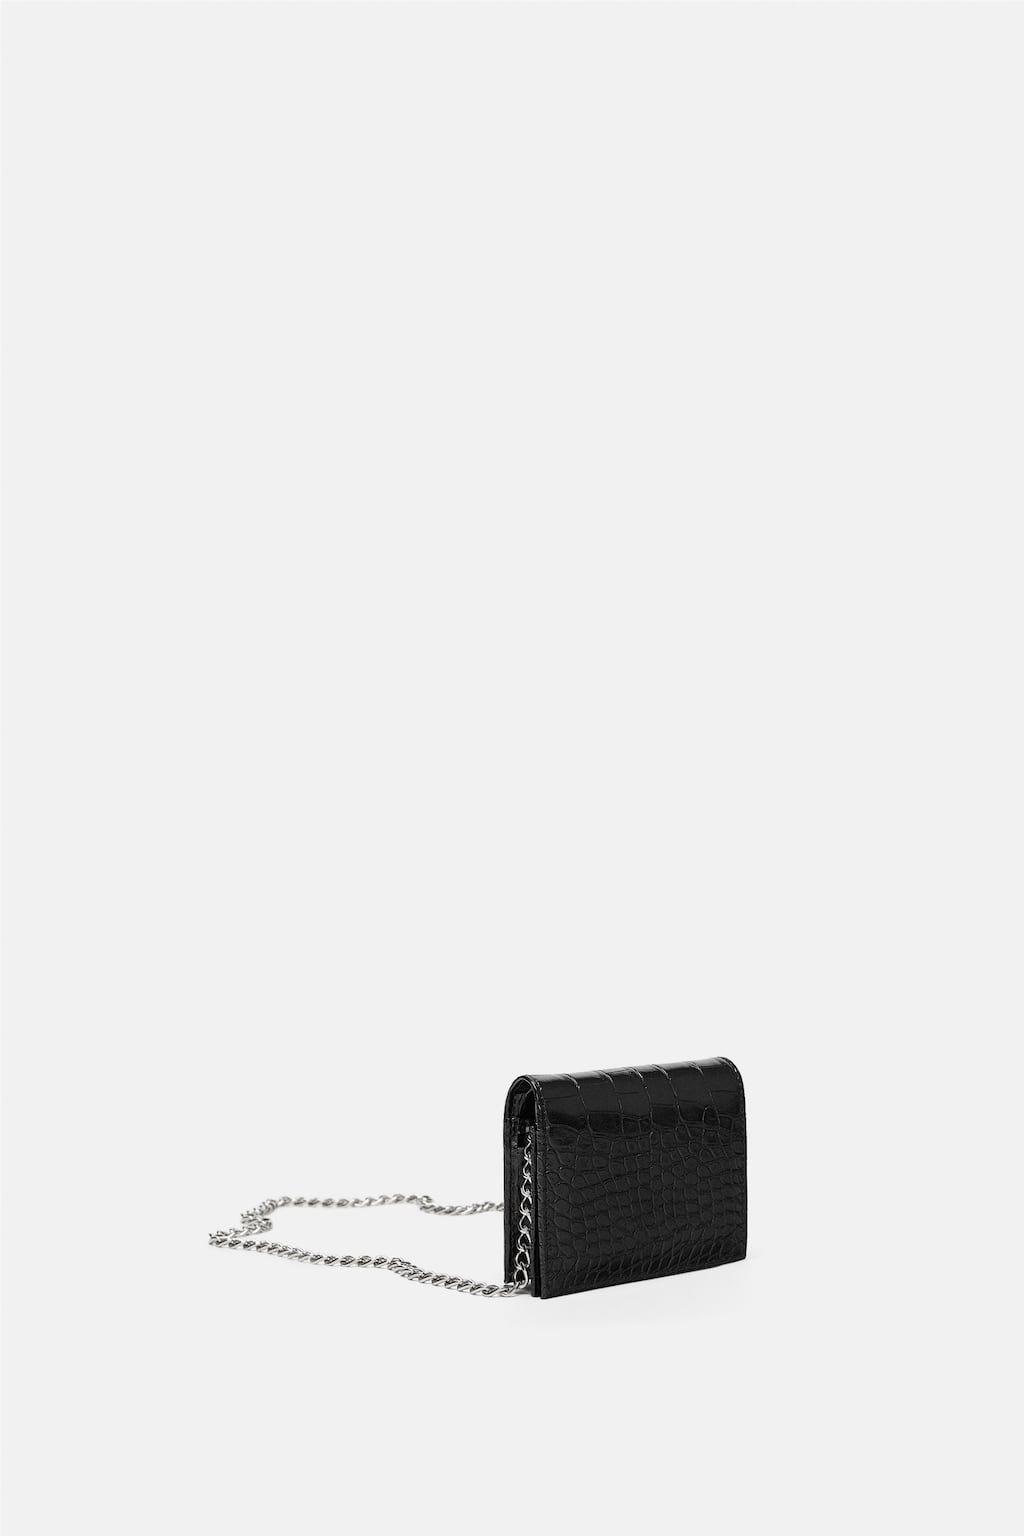 64256a02e6b3 Top 10 Punto Medio Noticias | Braided Belt Bag Zara